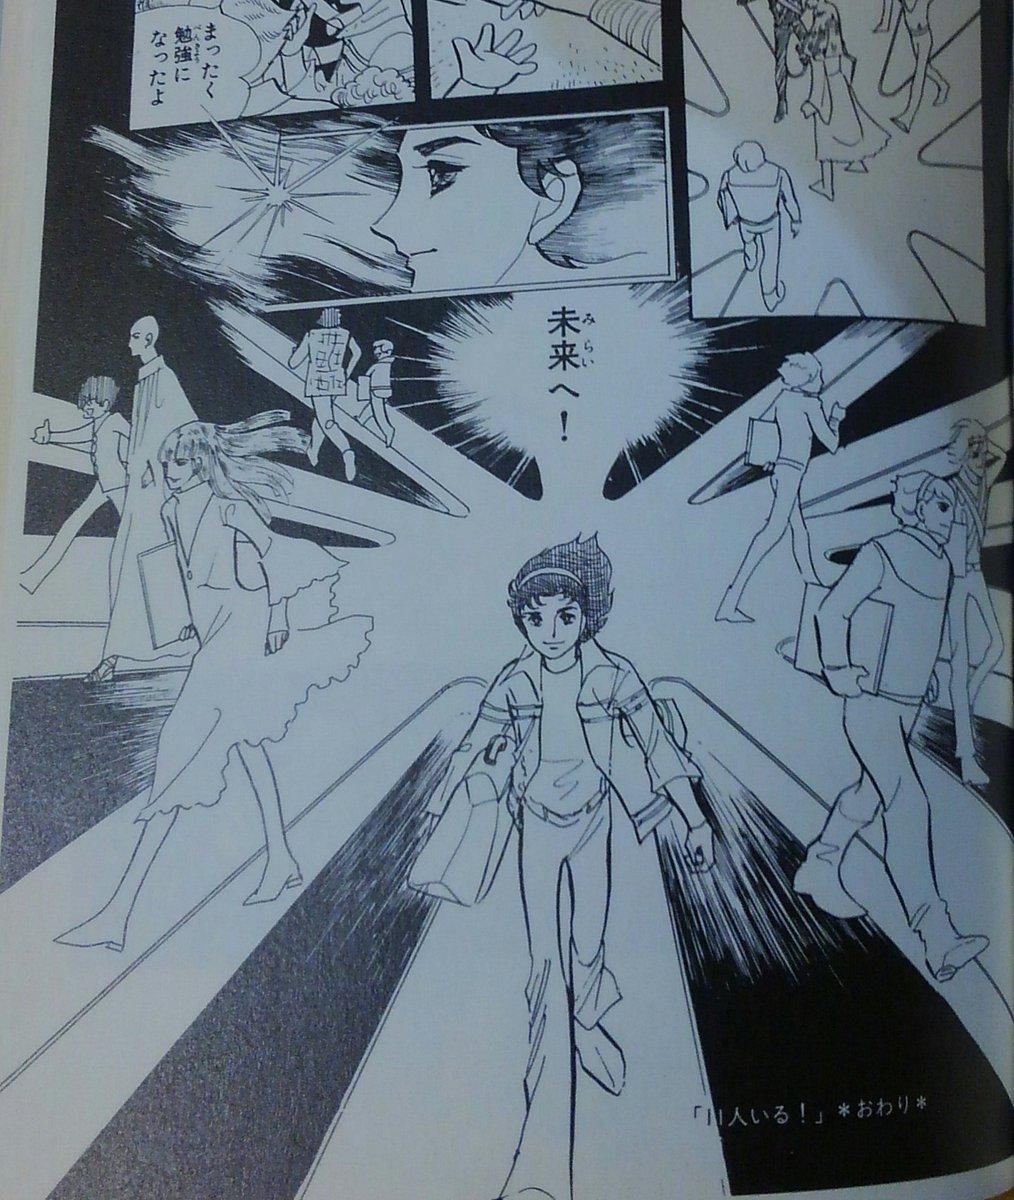 梅田で友達とごはんを食べたあと「私は御堂筋線」「じゃあぼくはJR」「阪急」「阪神」と11人いる!の最終コマそっくりに解散した